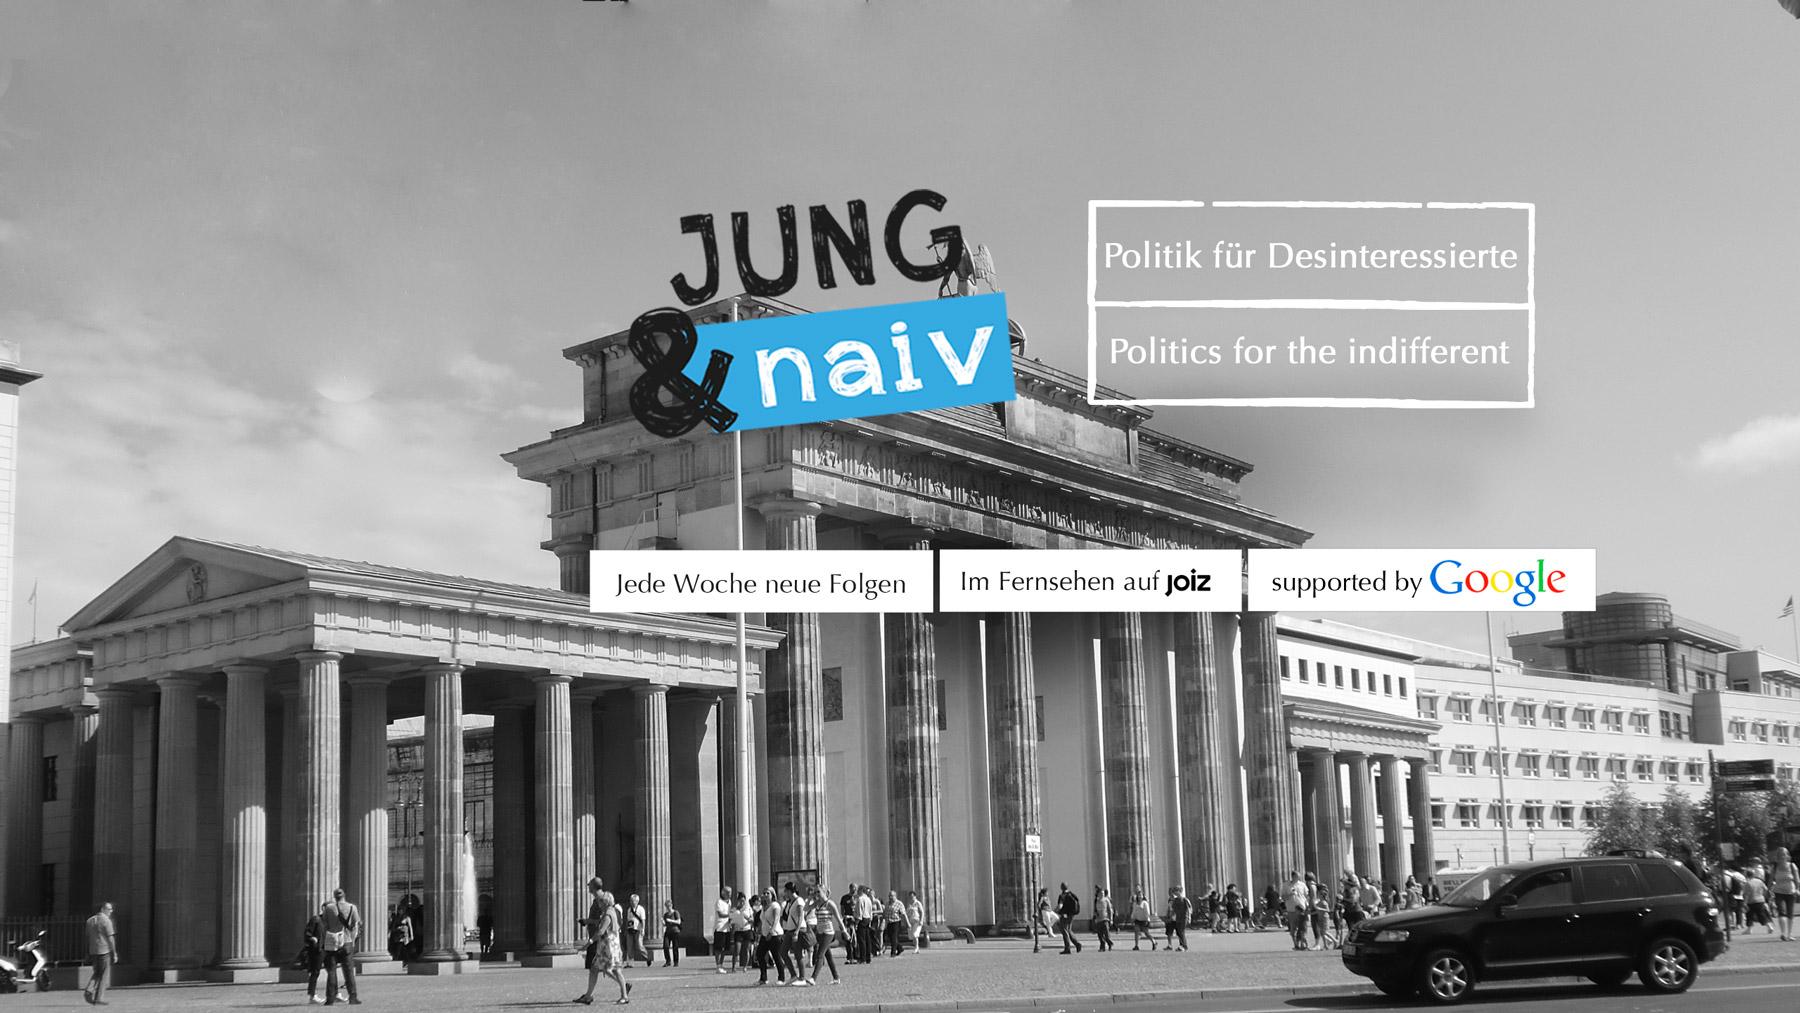 jung-naiv-1.jpg